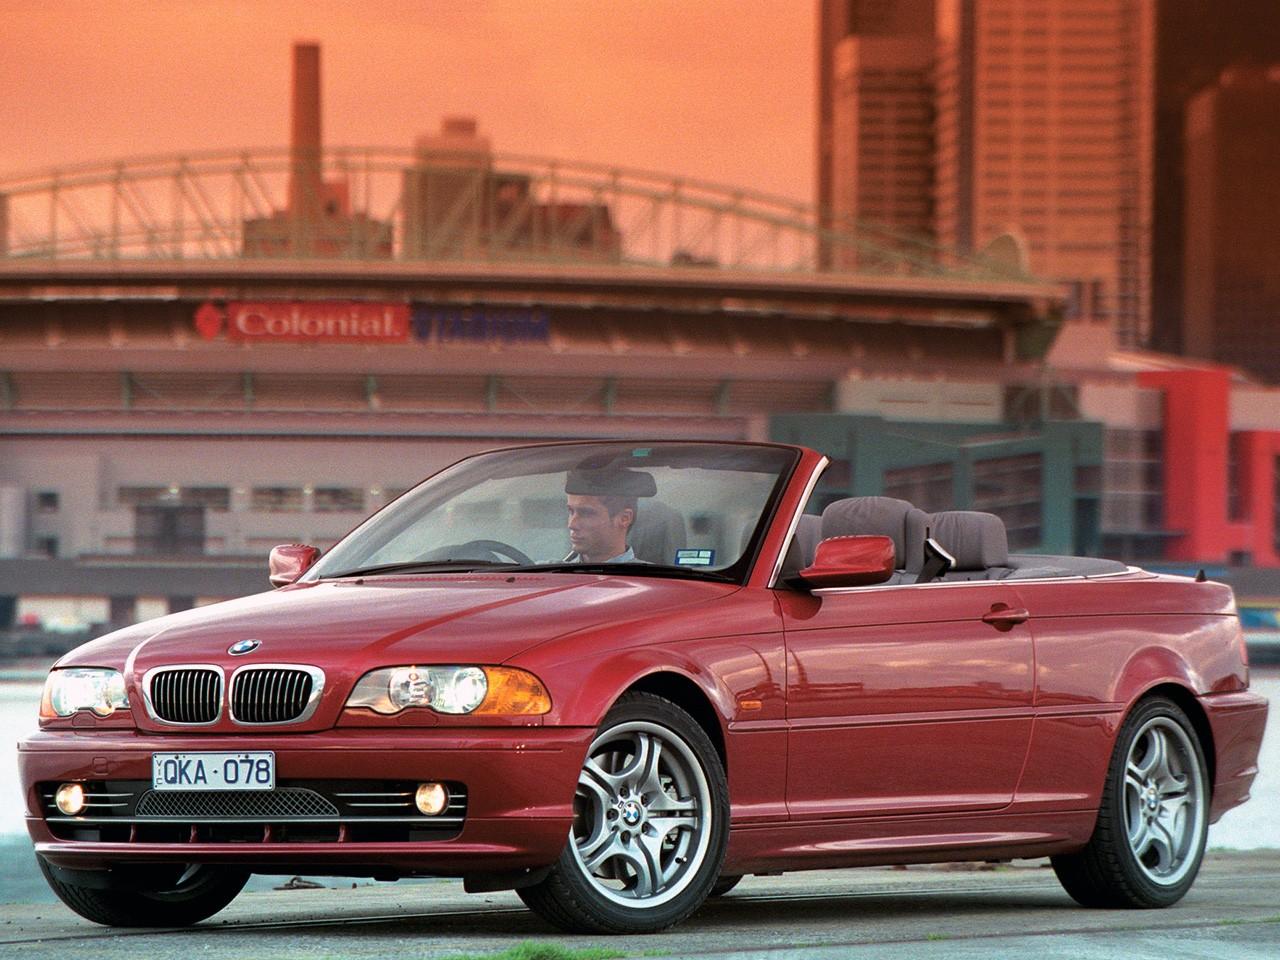 BMW 3 Series Cabriolet (E46) specs & photos - 2000, 2001, 2002, 2003